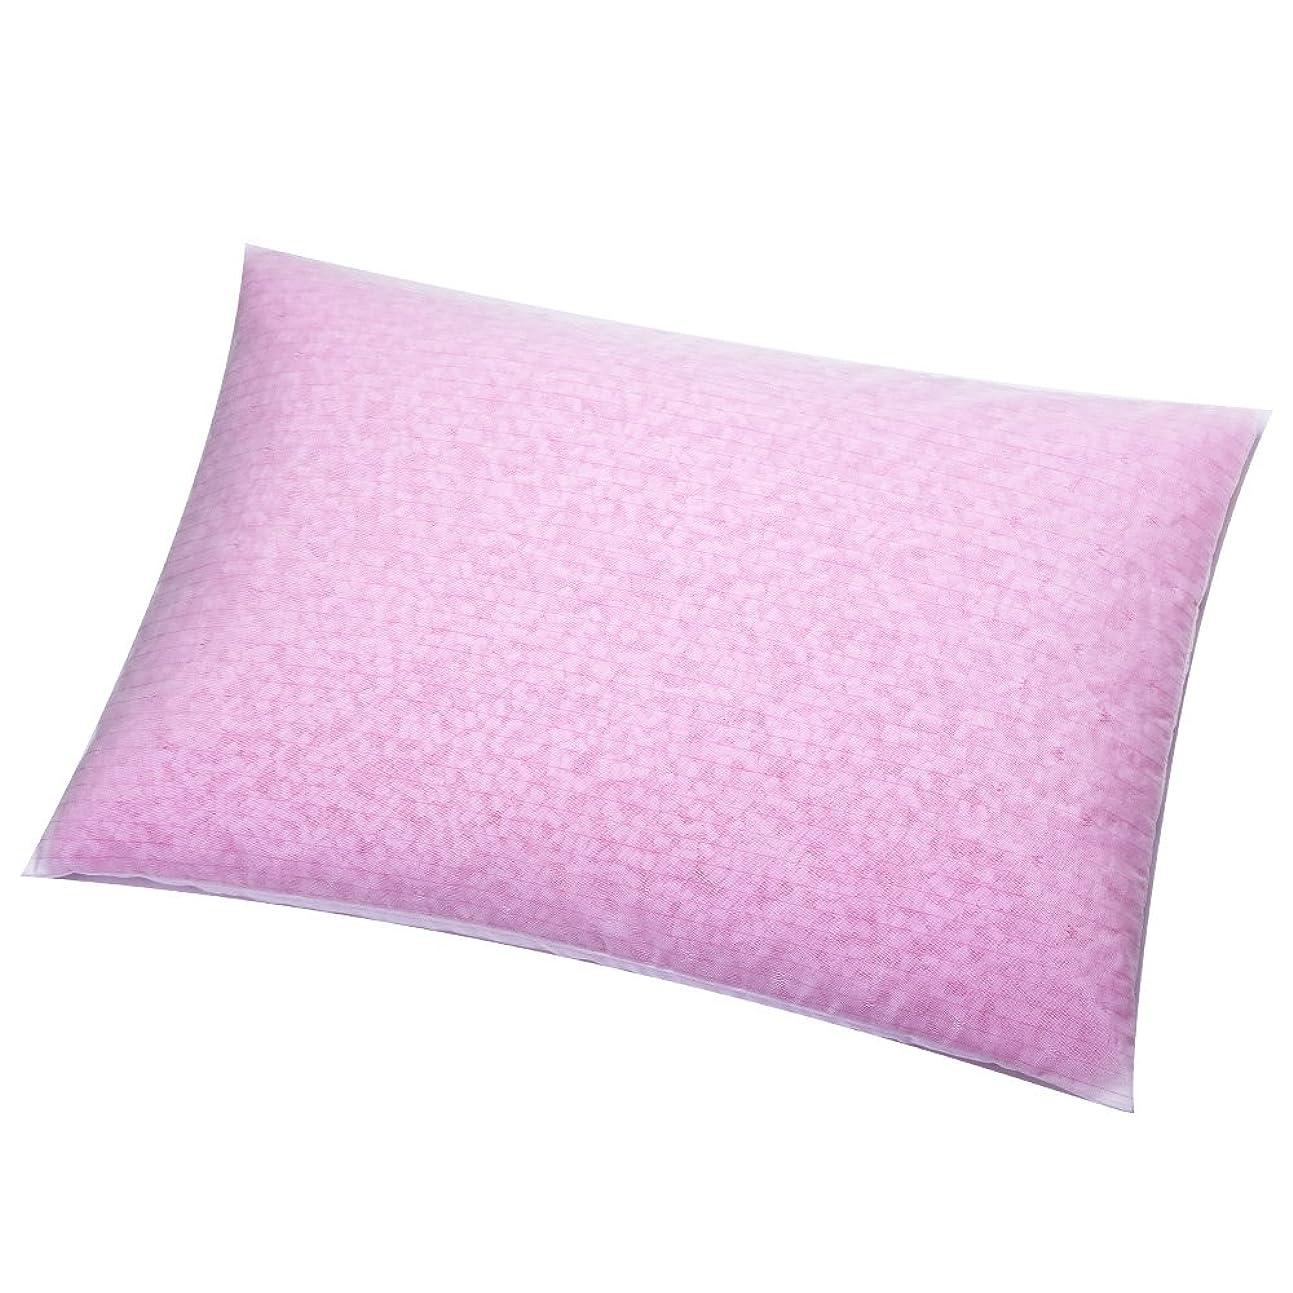 なんでもサイクル誓い昔ながらのパイプ枕 まくら マクラ 日本製 (小サイズ 35×50cm, ピンク)